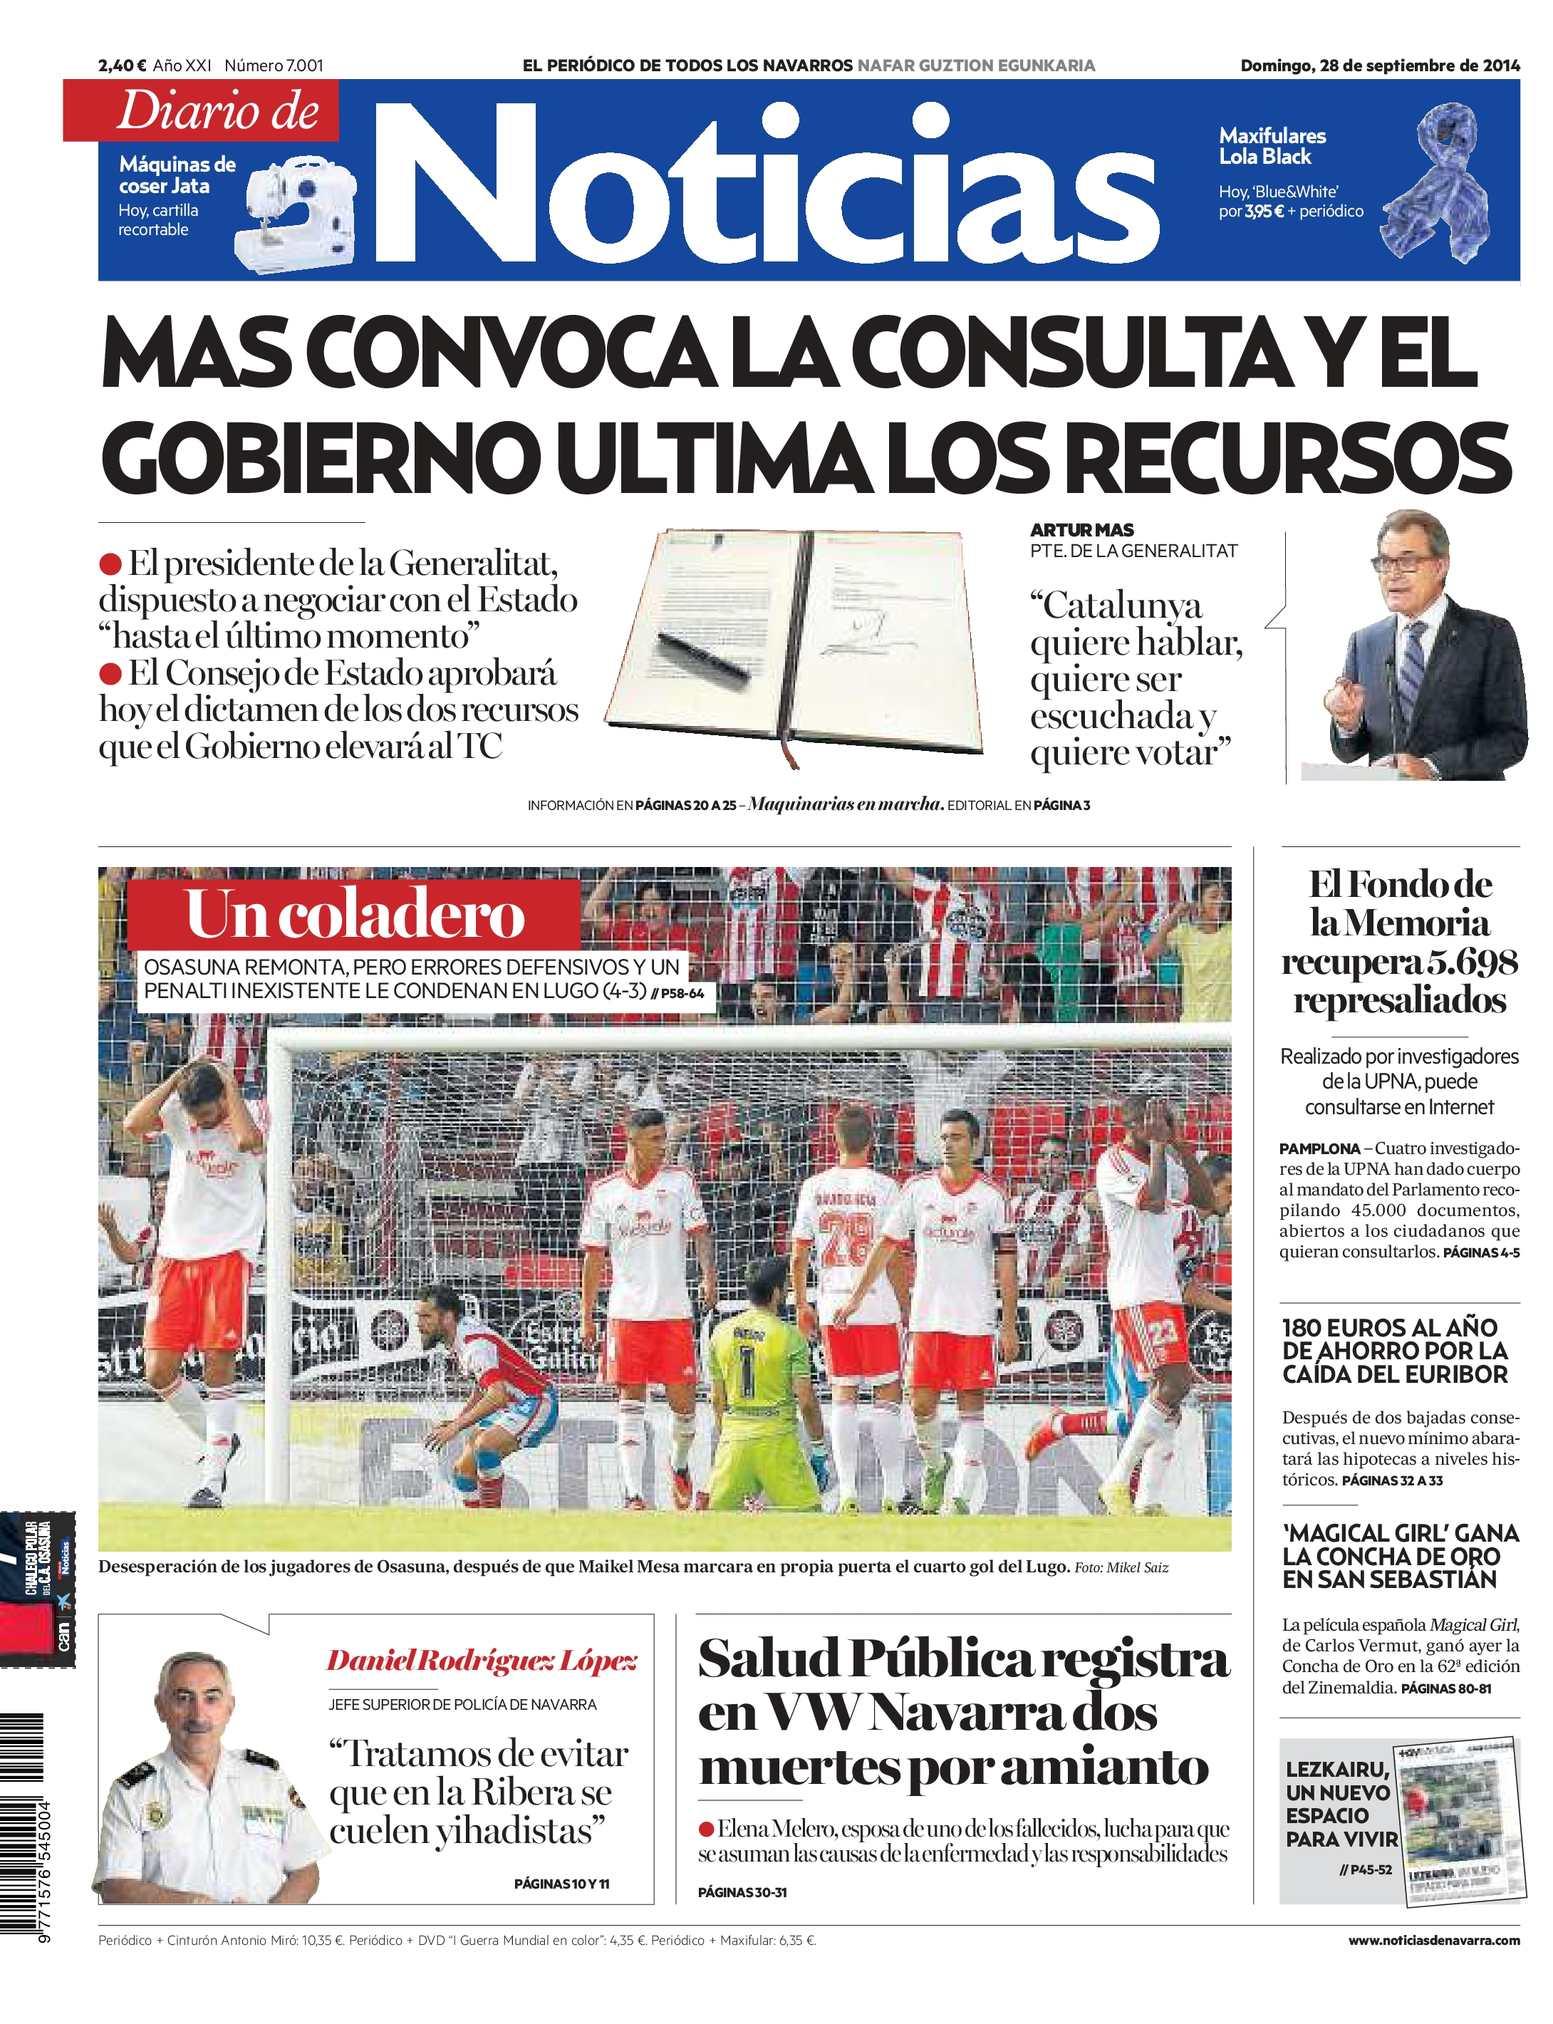 Calaméo - Diario de Noticias 20140928